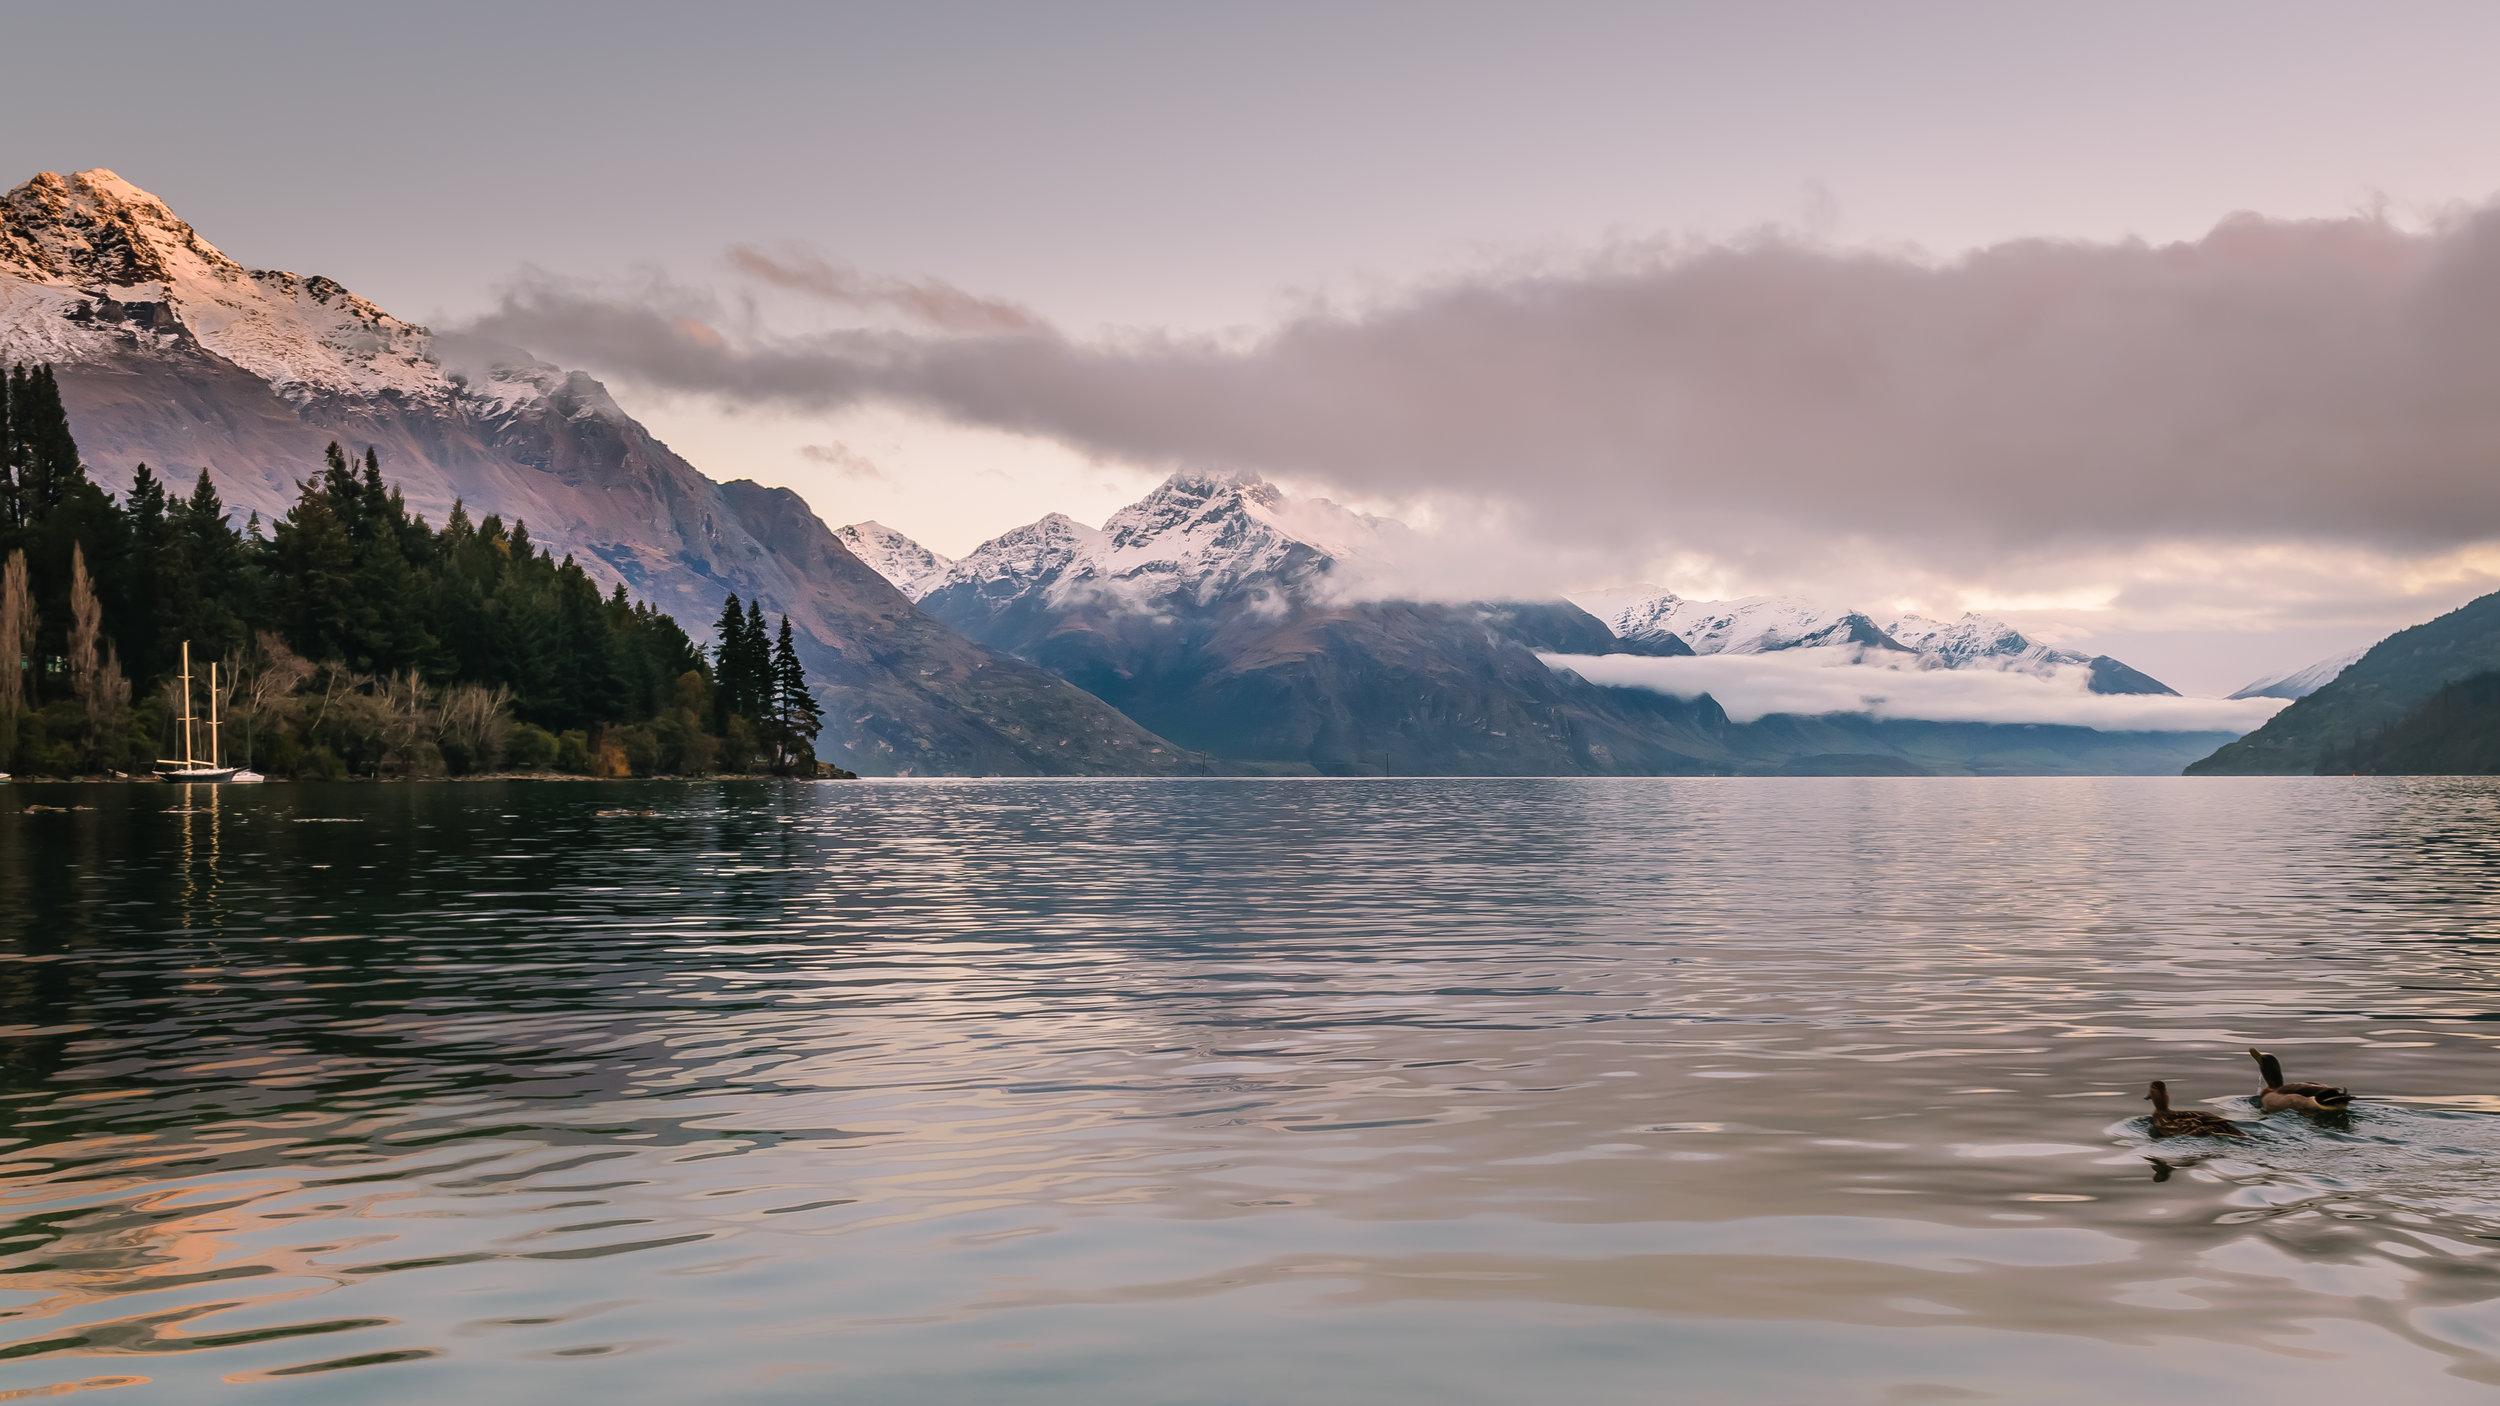 Stunning views over lake wakatipu